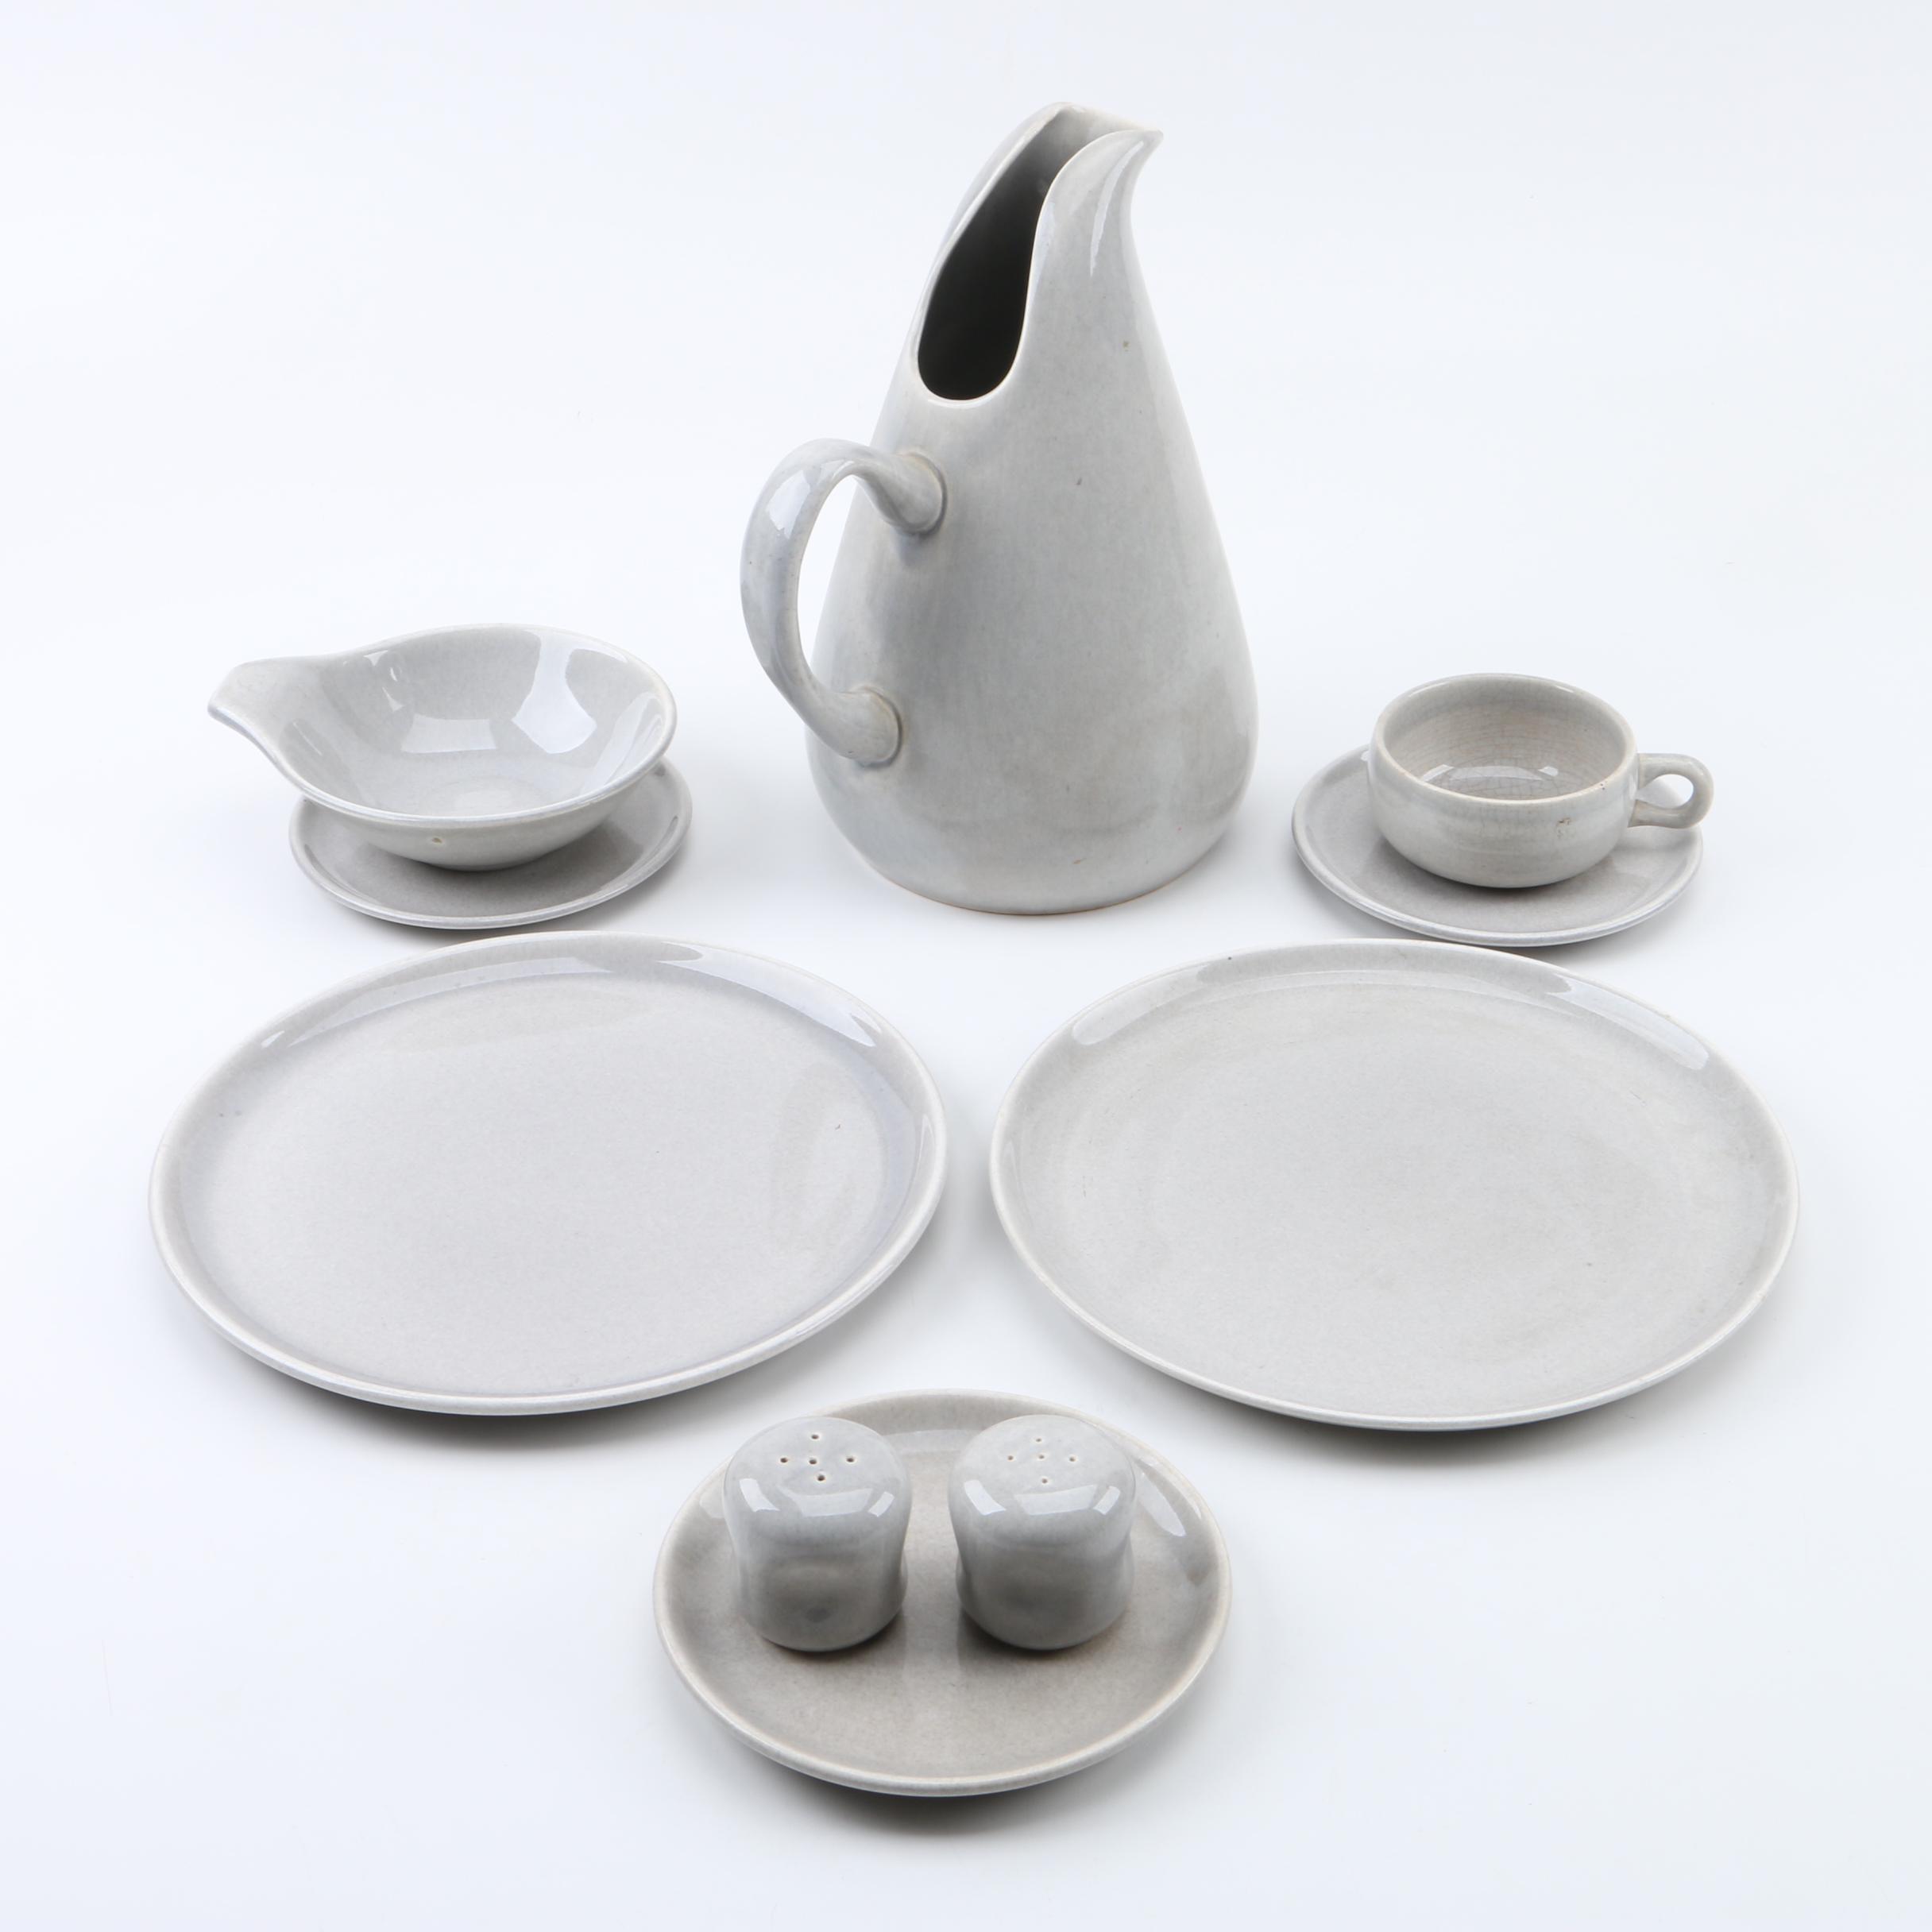 Vintage Russel Wright \ American Modern Granite Gray\  by Steubenville Pottery ... & Vintage Russel Wright \